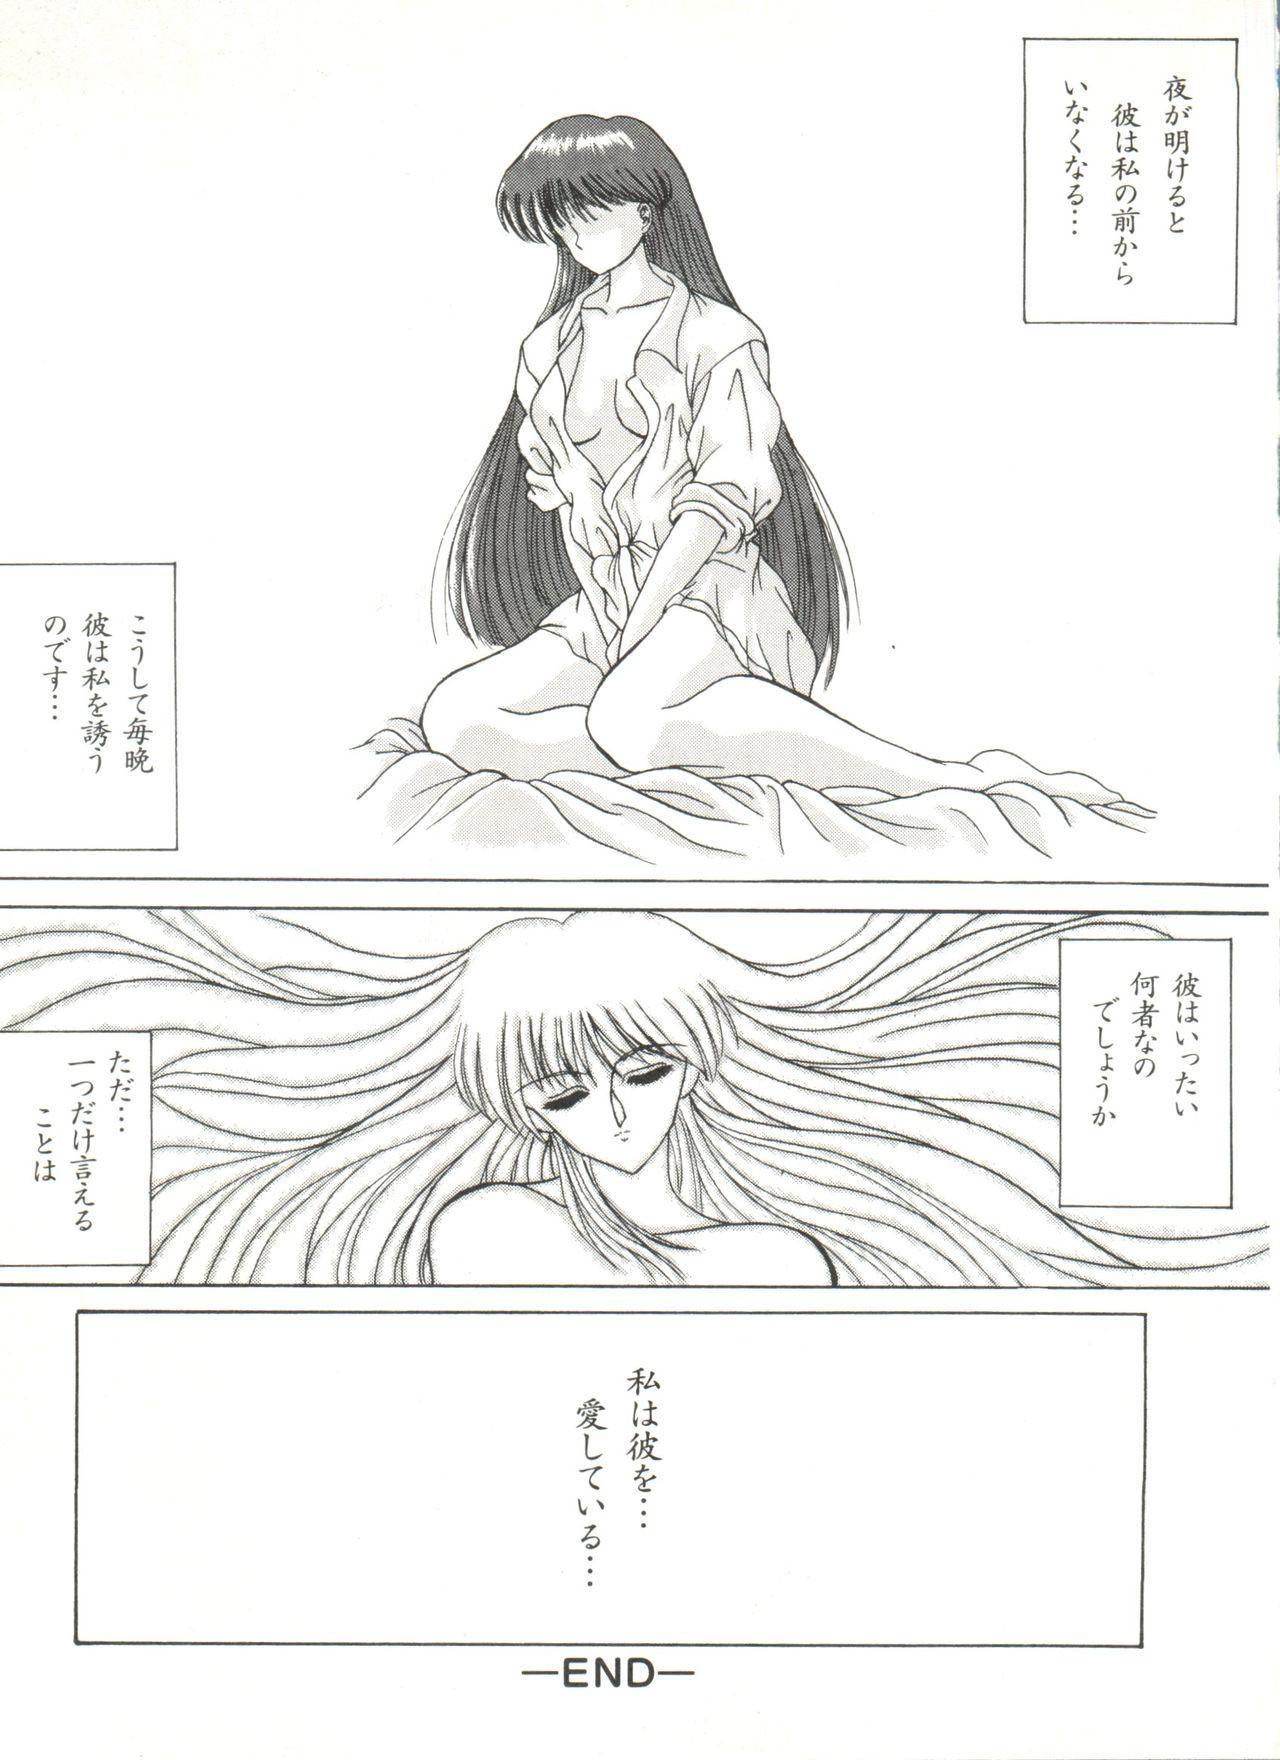 Bishoujo Doujinshi Anthology 6 136